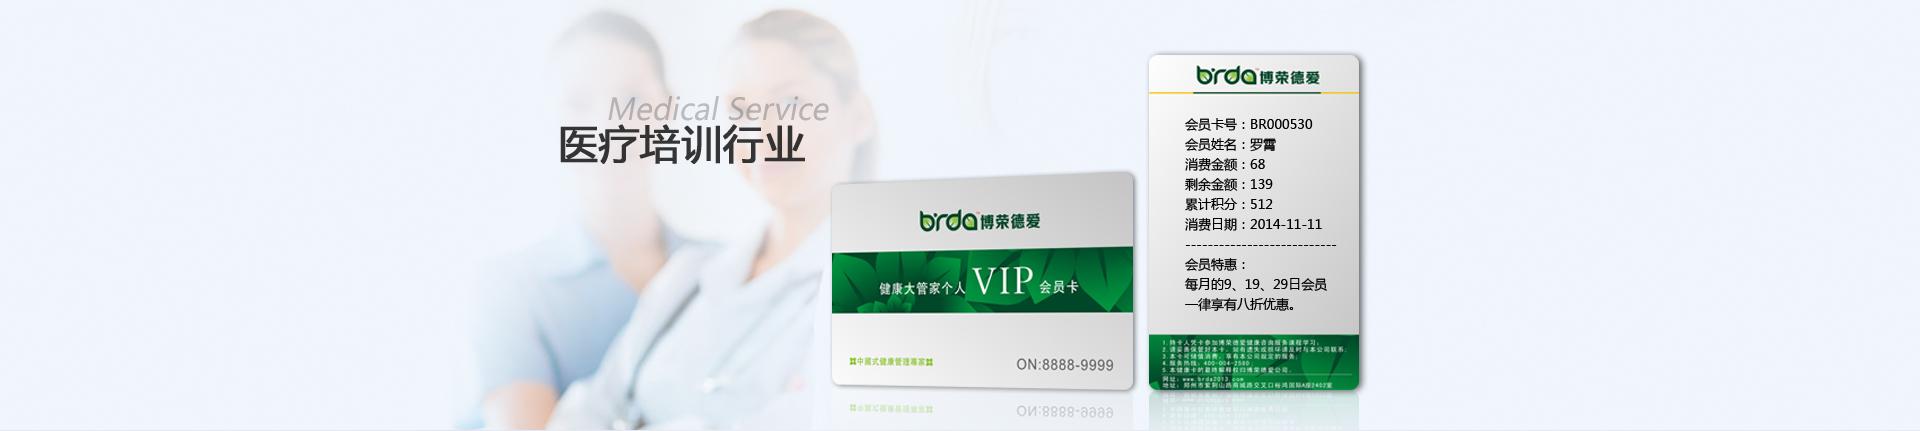 宁波荣大证卡打印设备有限公司